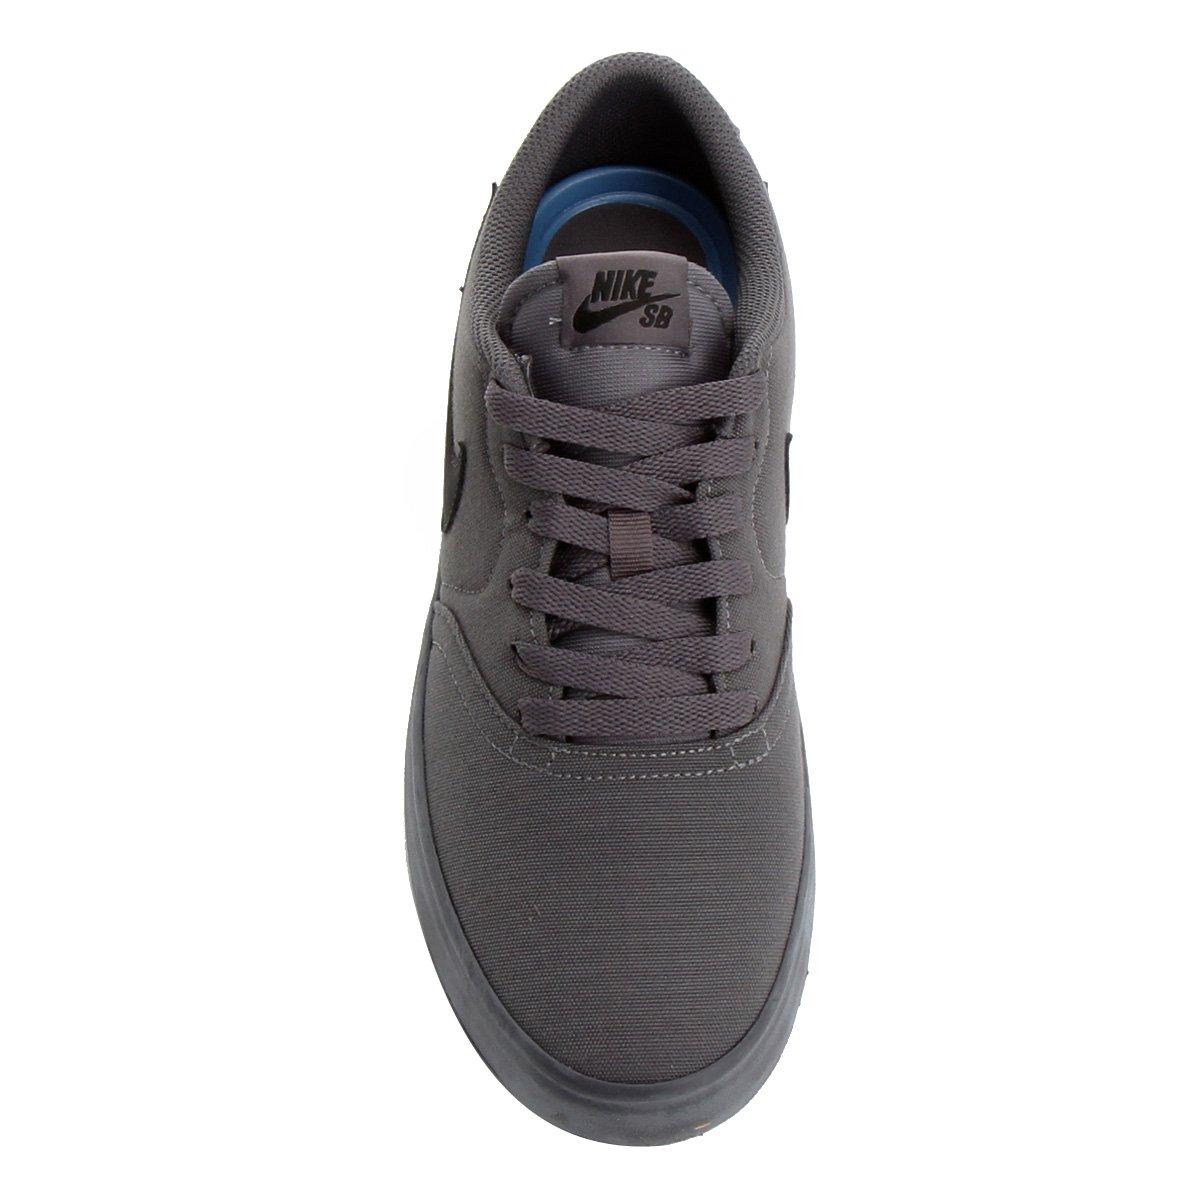 ... Tênis Nike Sb Check Solar Cnvs Masculino - Preto e Cinza - Compre . f340842fb00e5